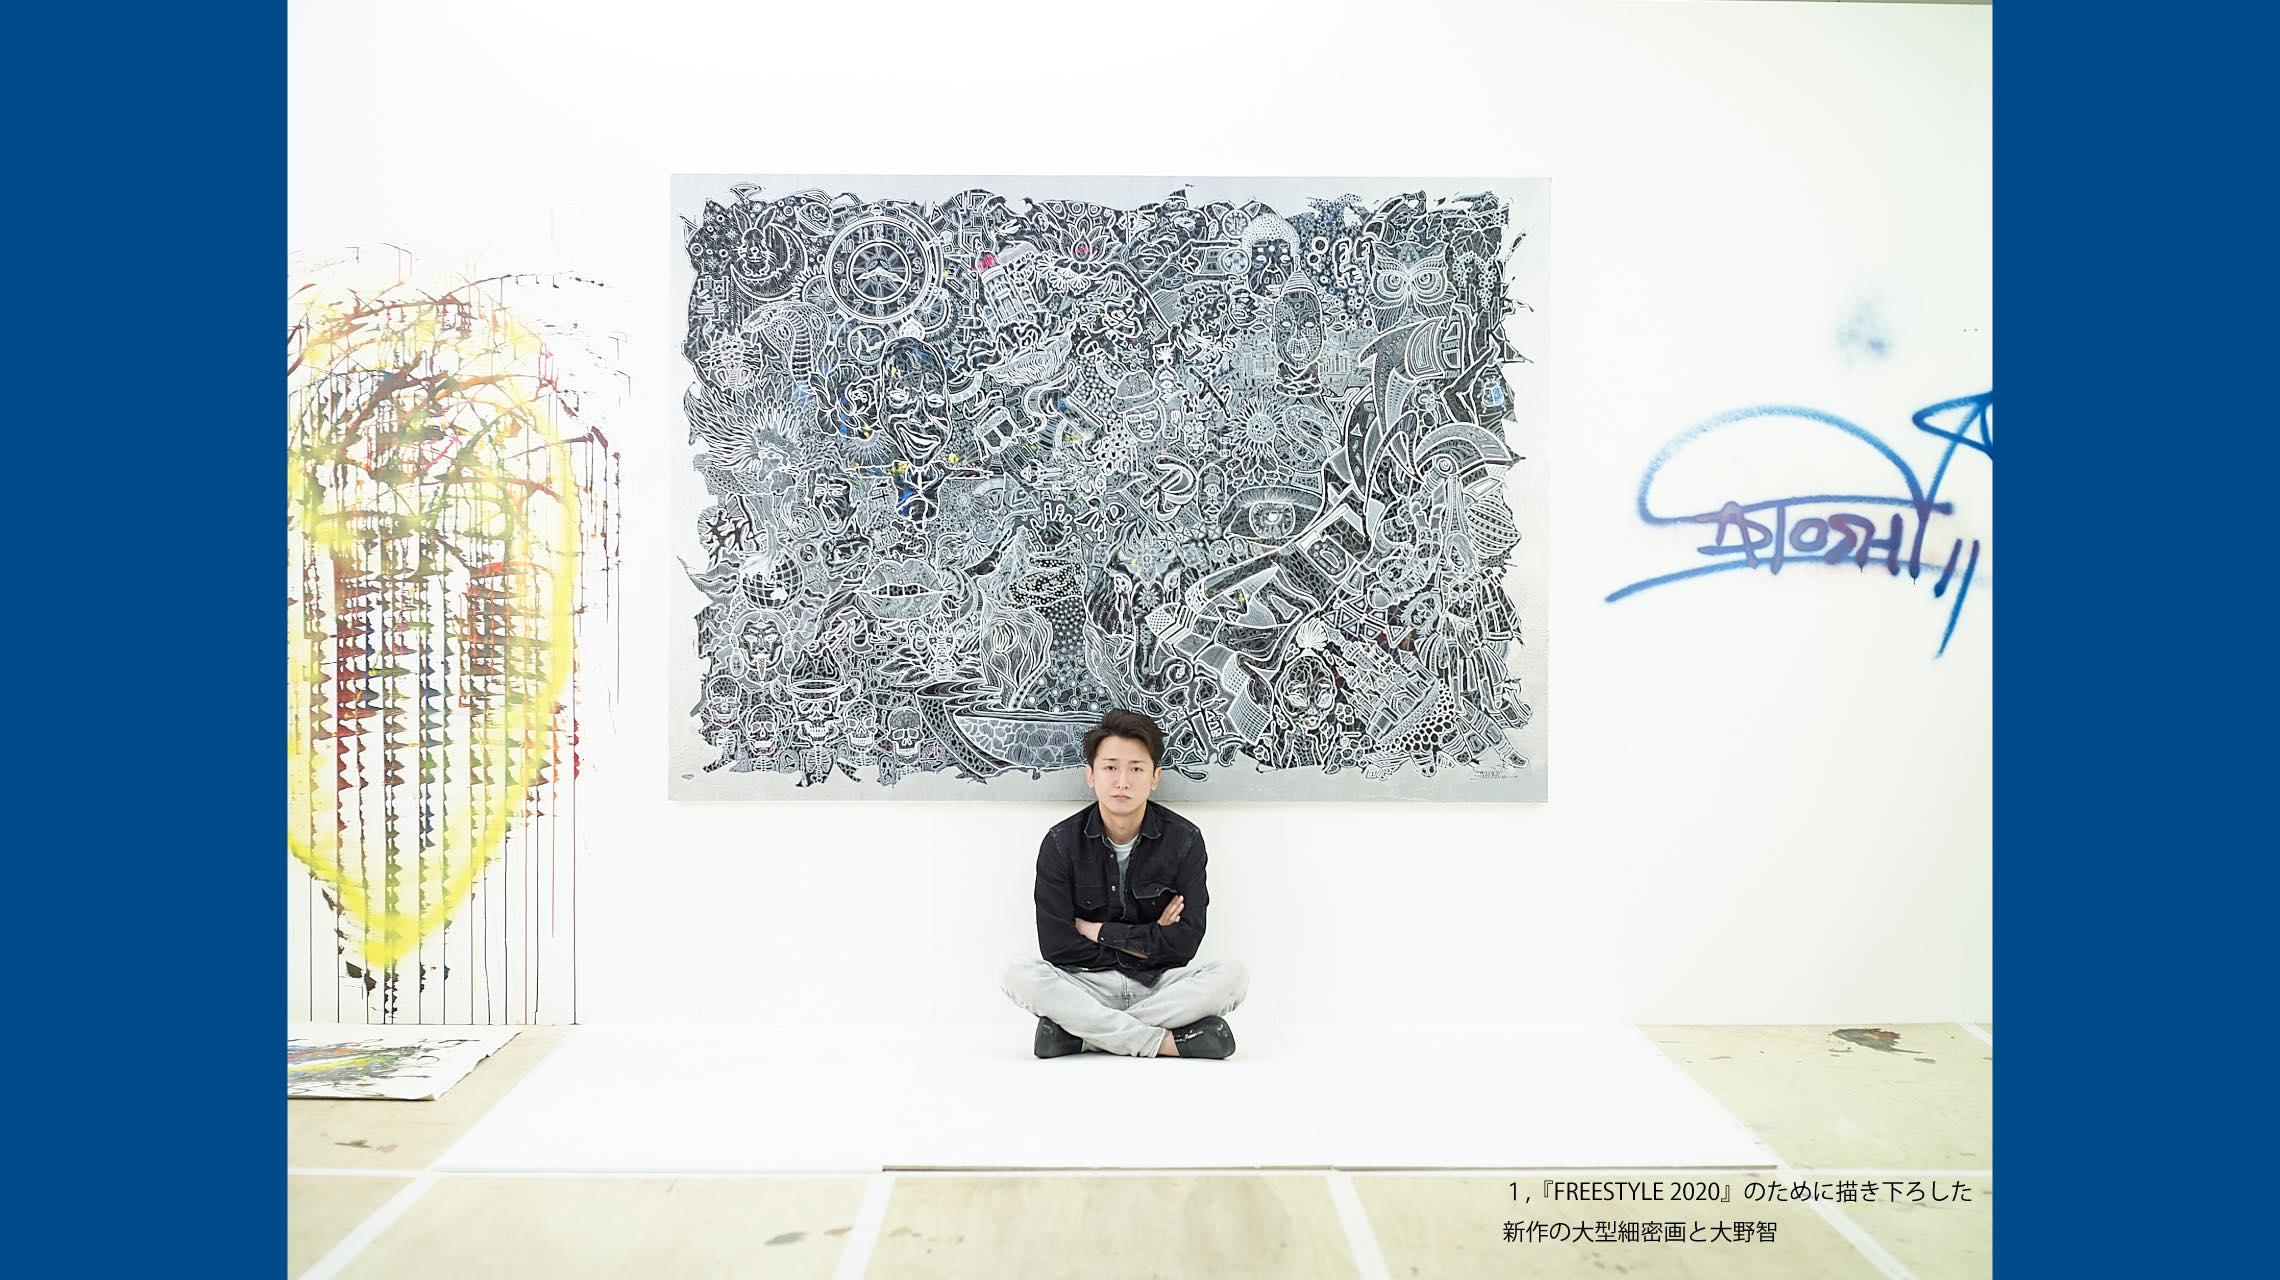 久々の個展「FREESTYLE 2020」で嵐・大野智の頭の中を覗き見